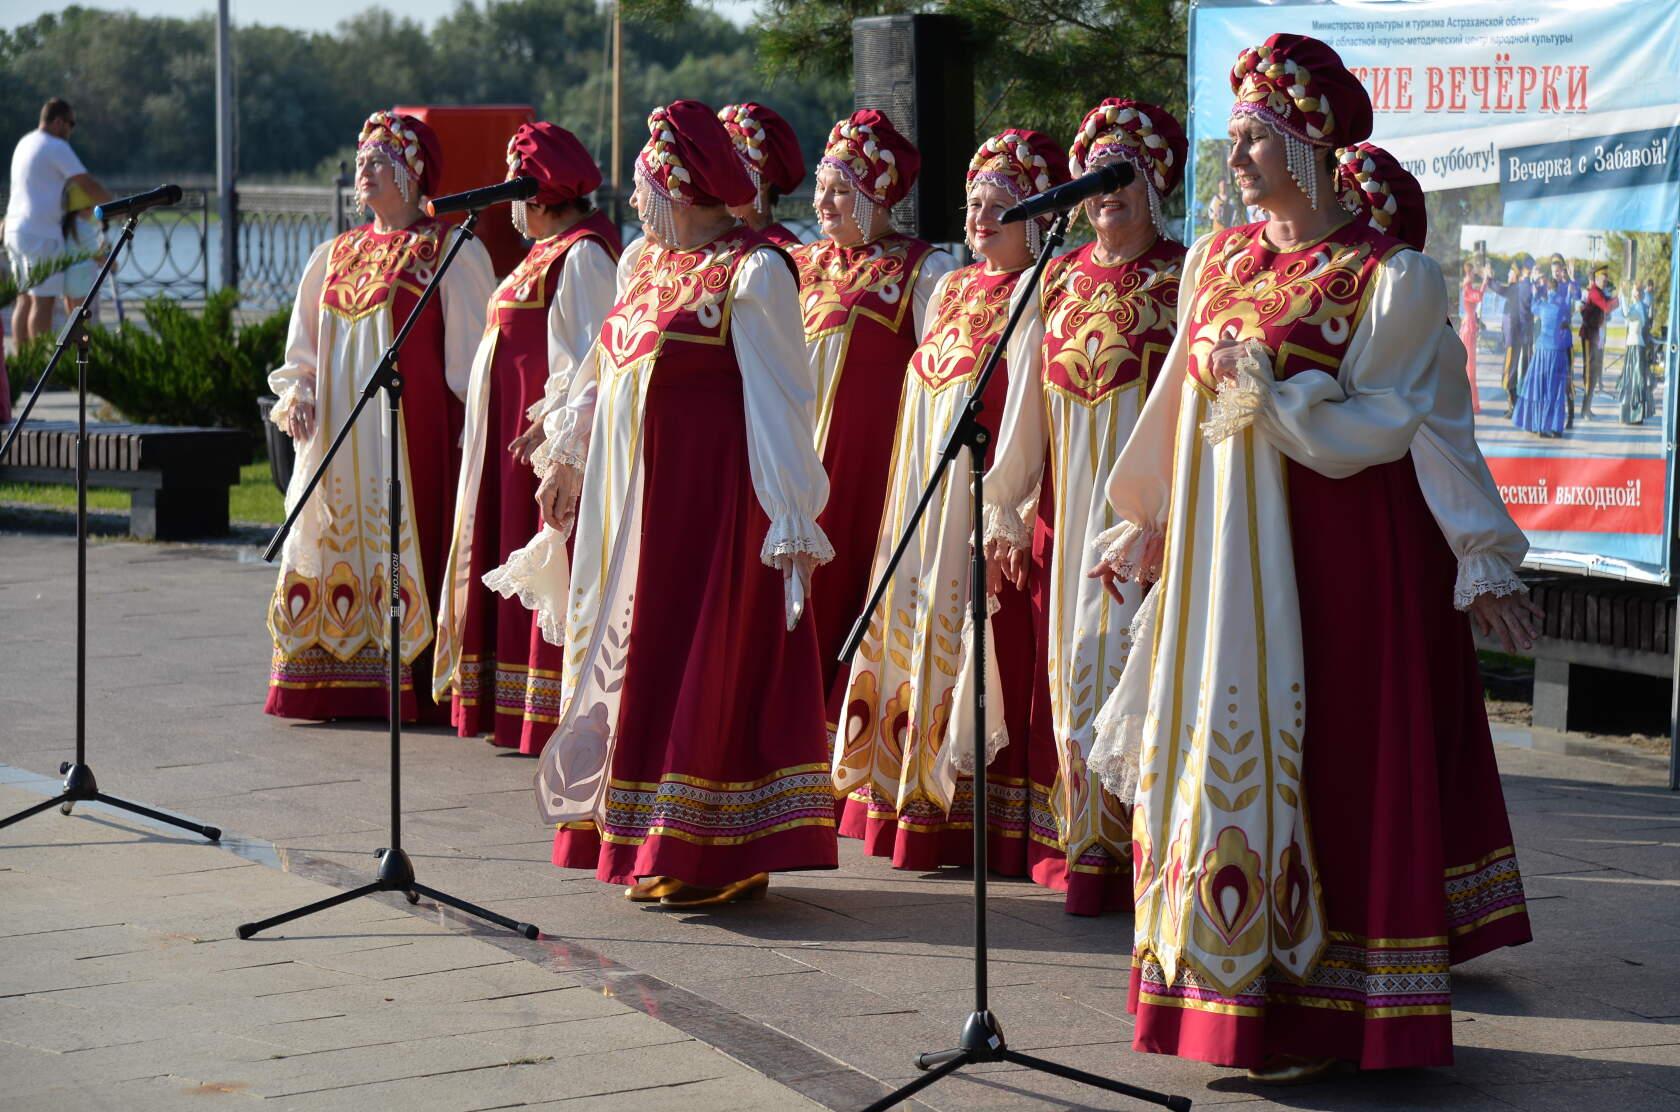 «Русские вечерки» на набережной р. Волга